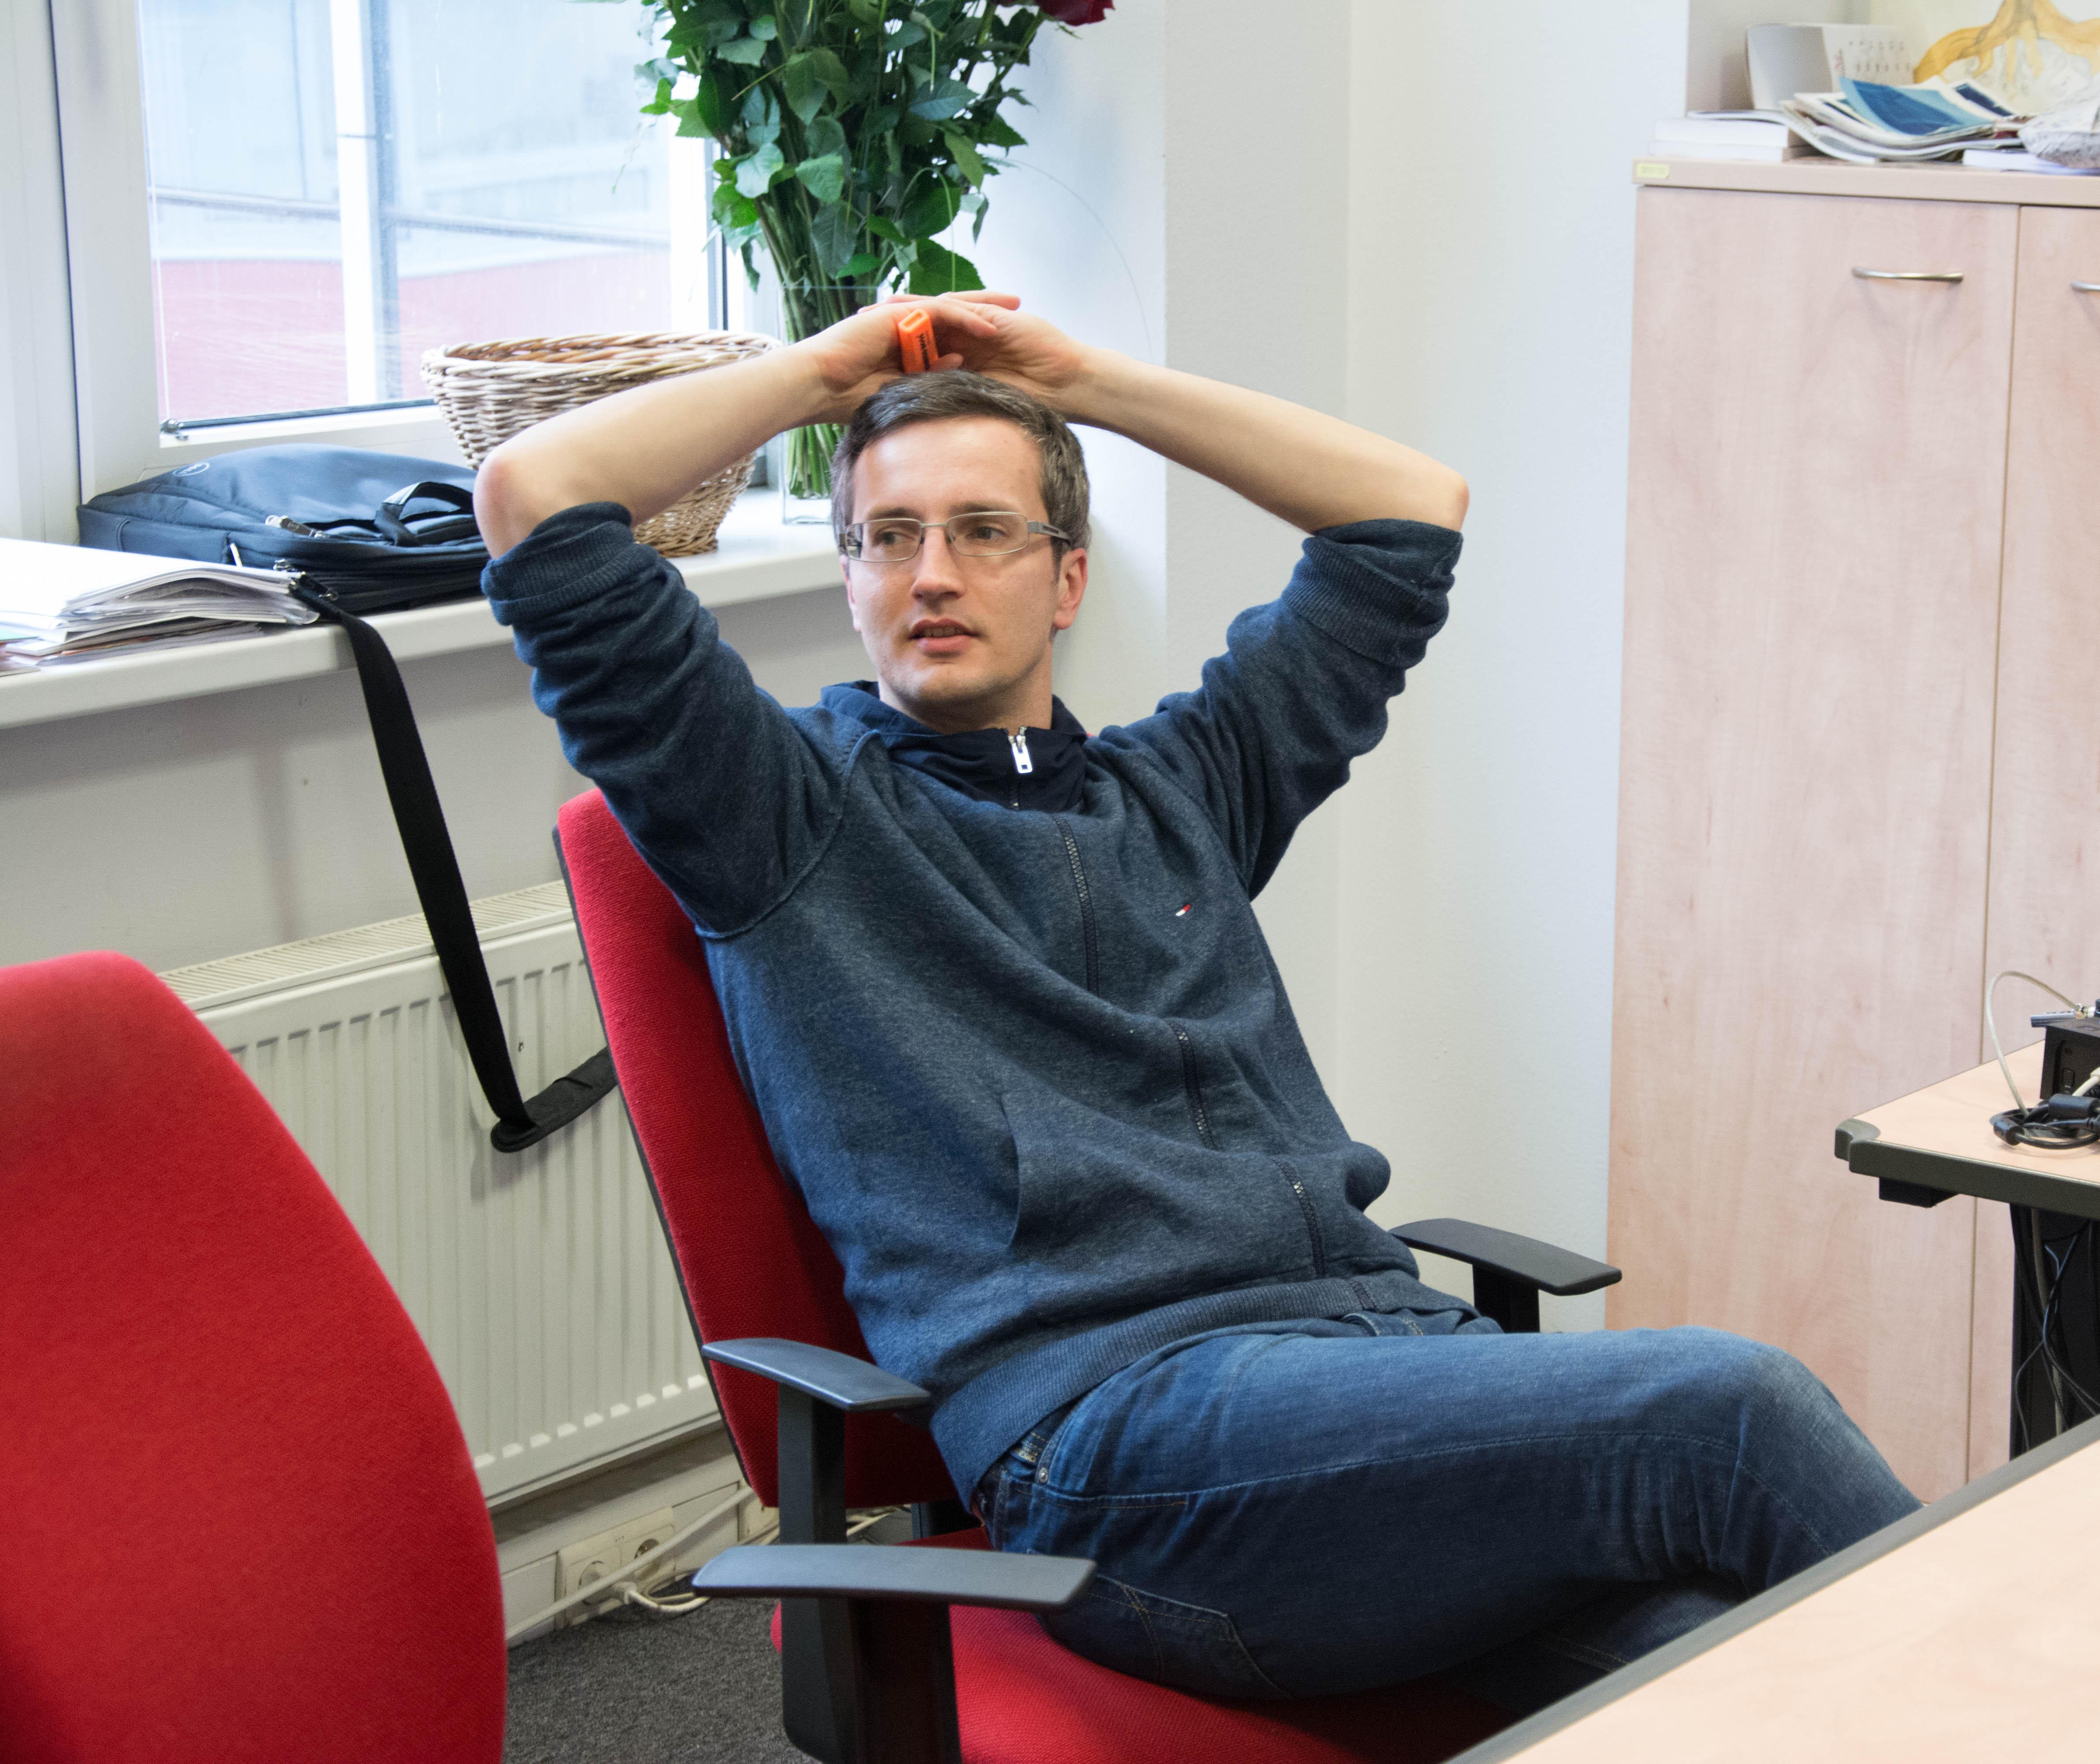 Tomáš Prokopčák je od roku 2015 zástupcom šéfredaktorky pre SME.sk a online redakciu